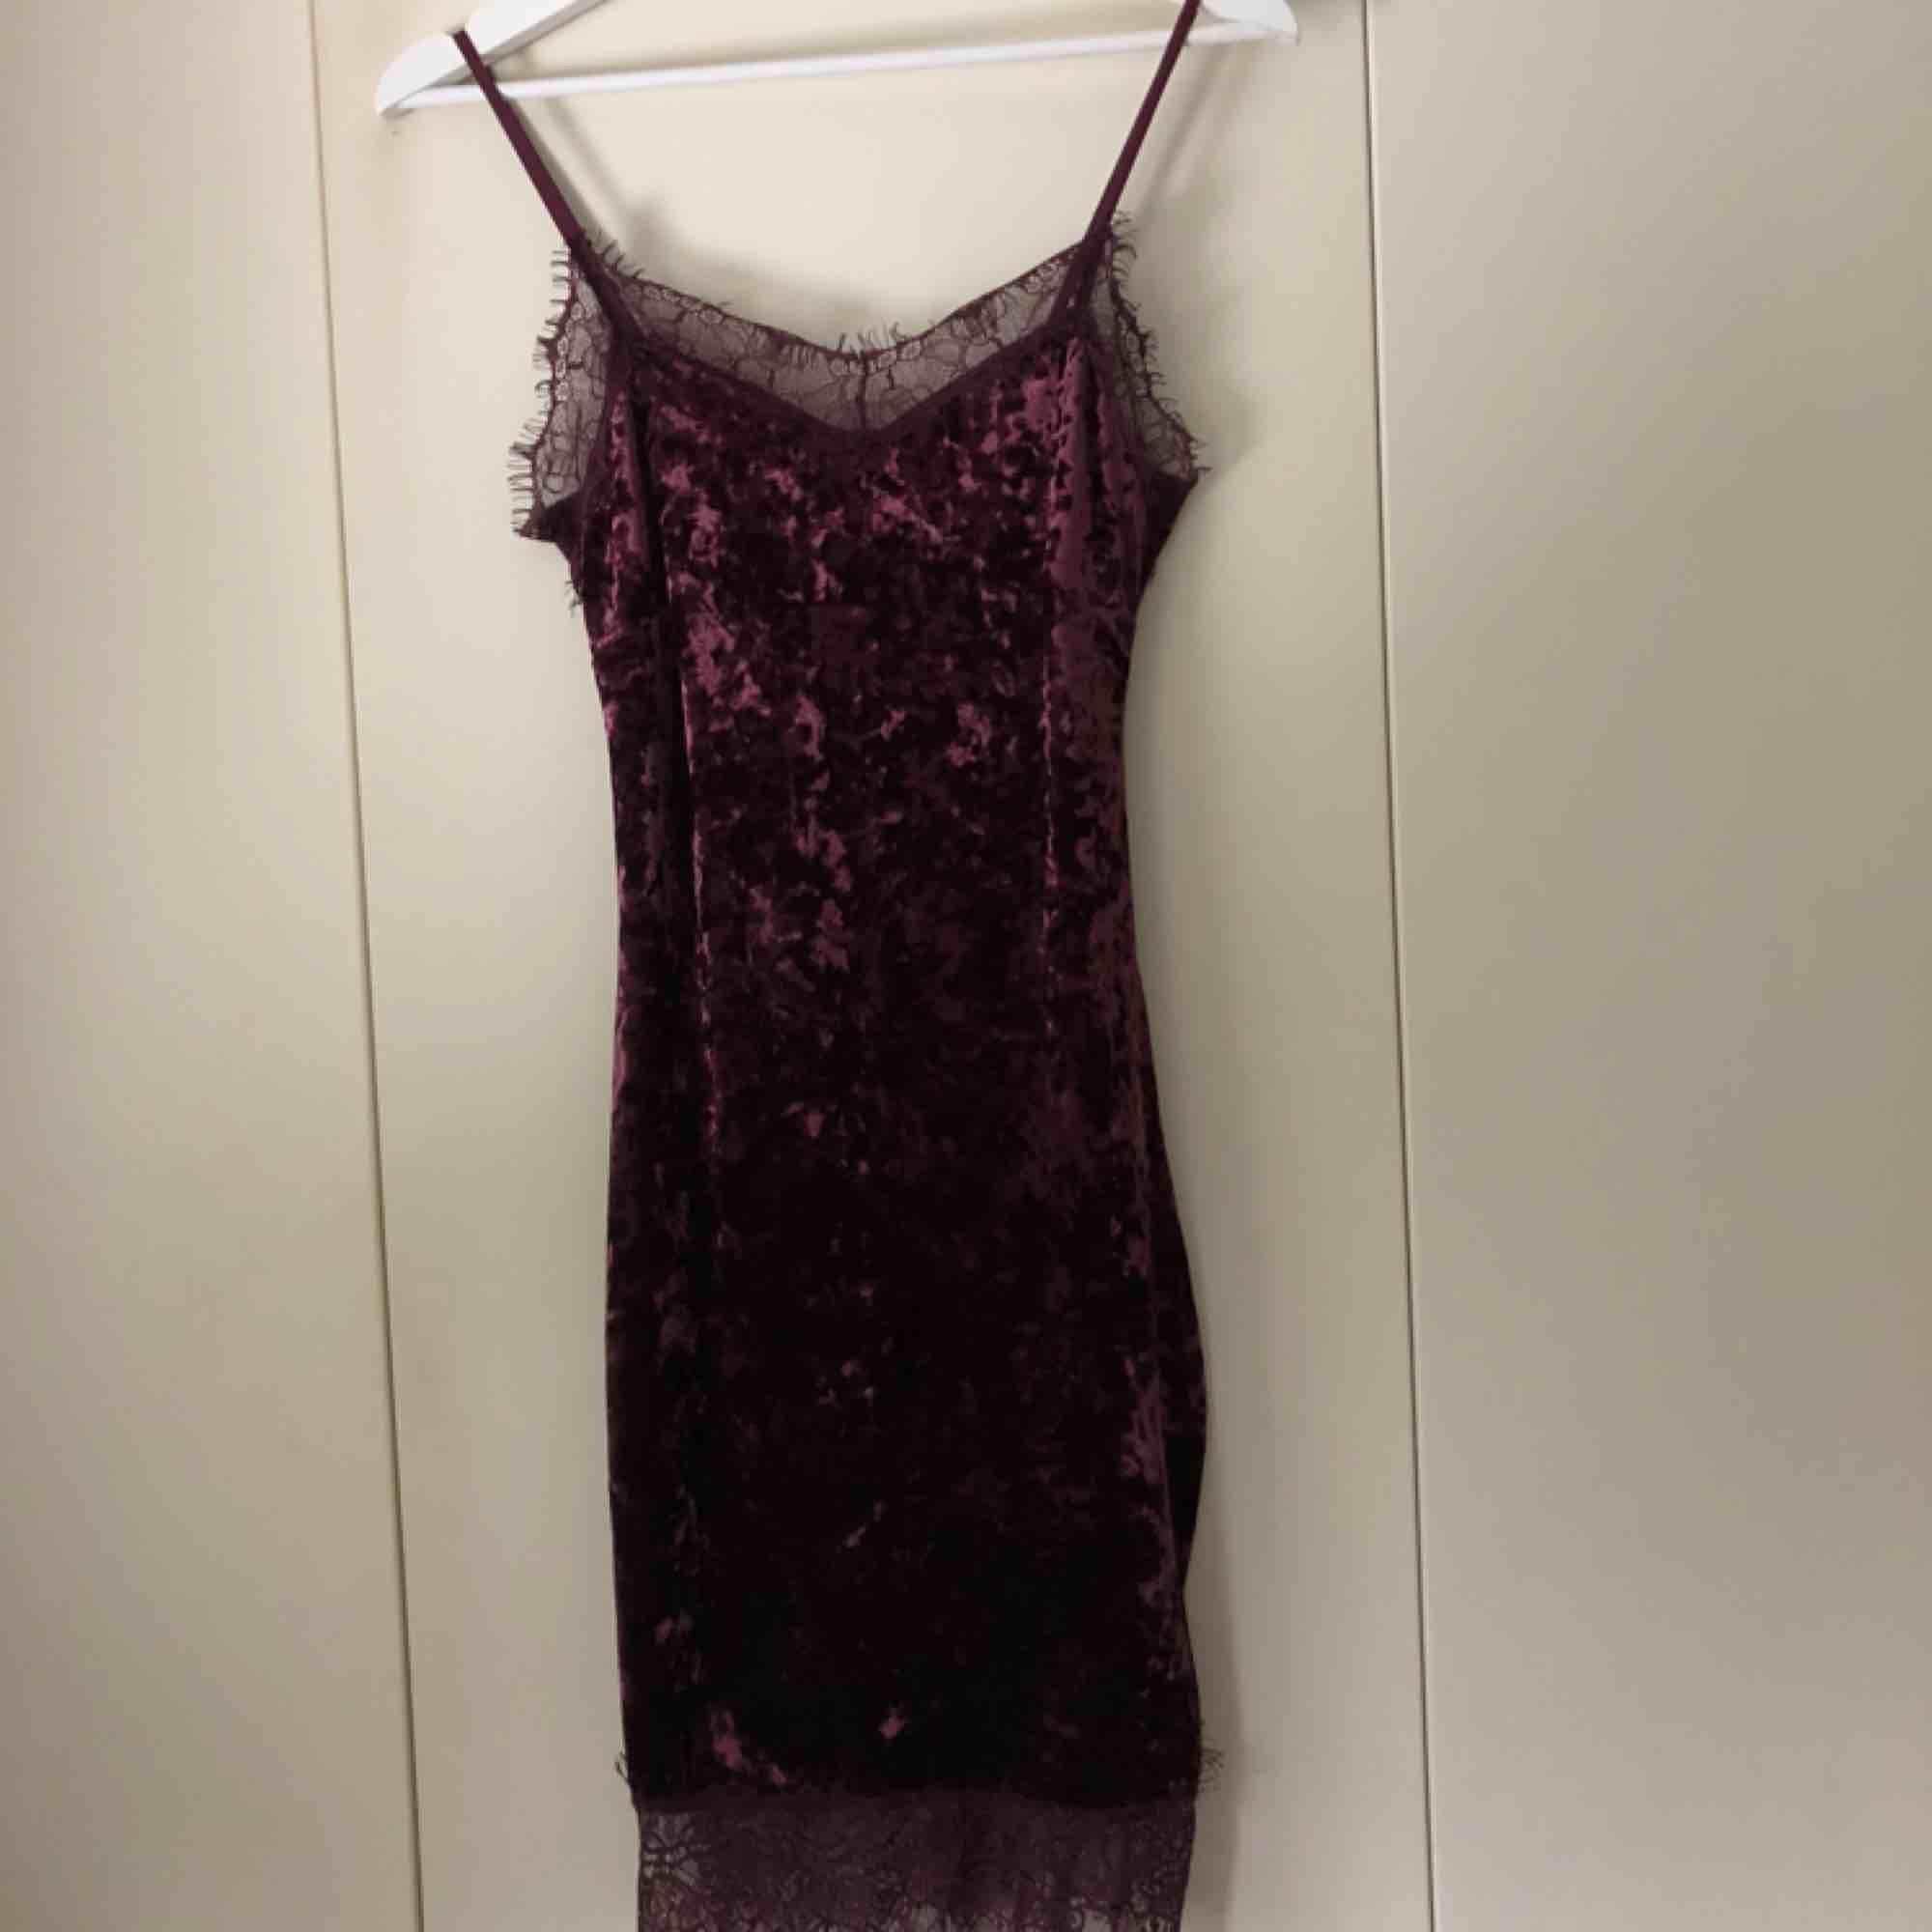 Vinröd sammetsklänning med spetsdetaljer samt dragkedja baktill från Bik Bok i strlk xs, använd 1 gång. Frakt ingår i priset. Klänningar.